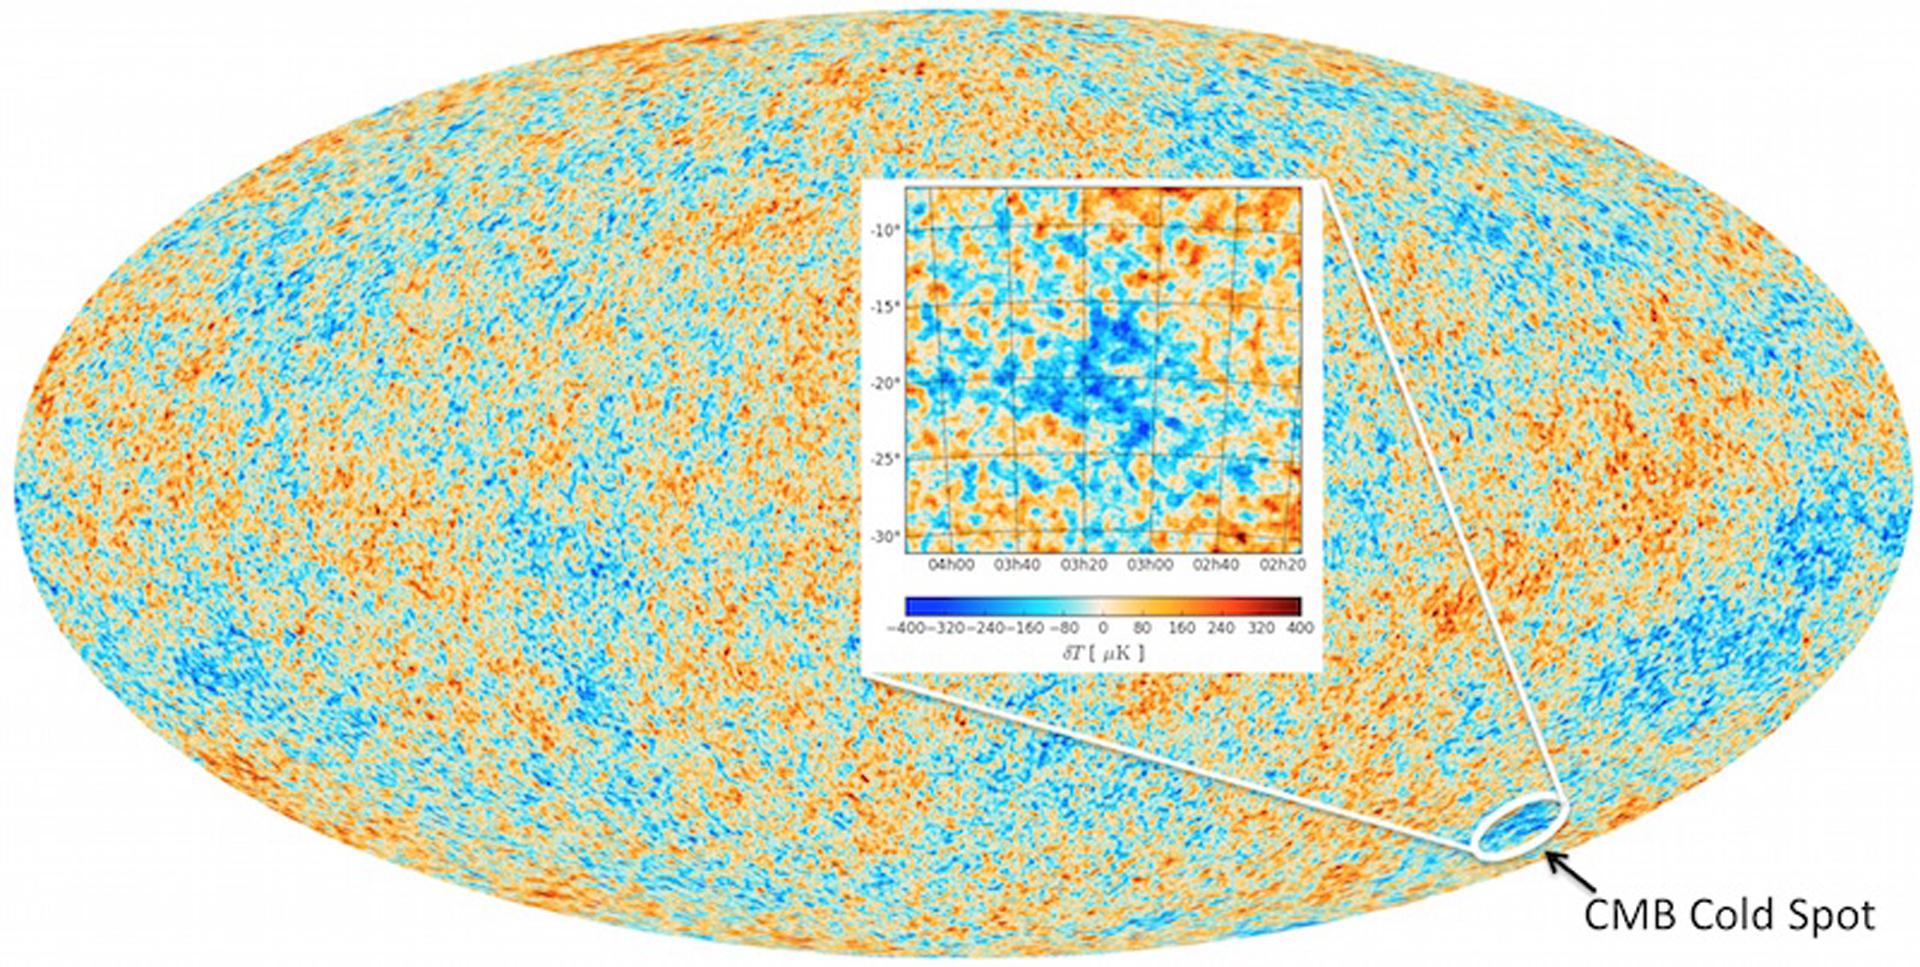 El Cold Spot se podría haber generado por el choque de dos universos